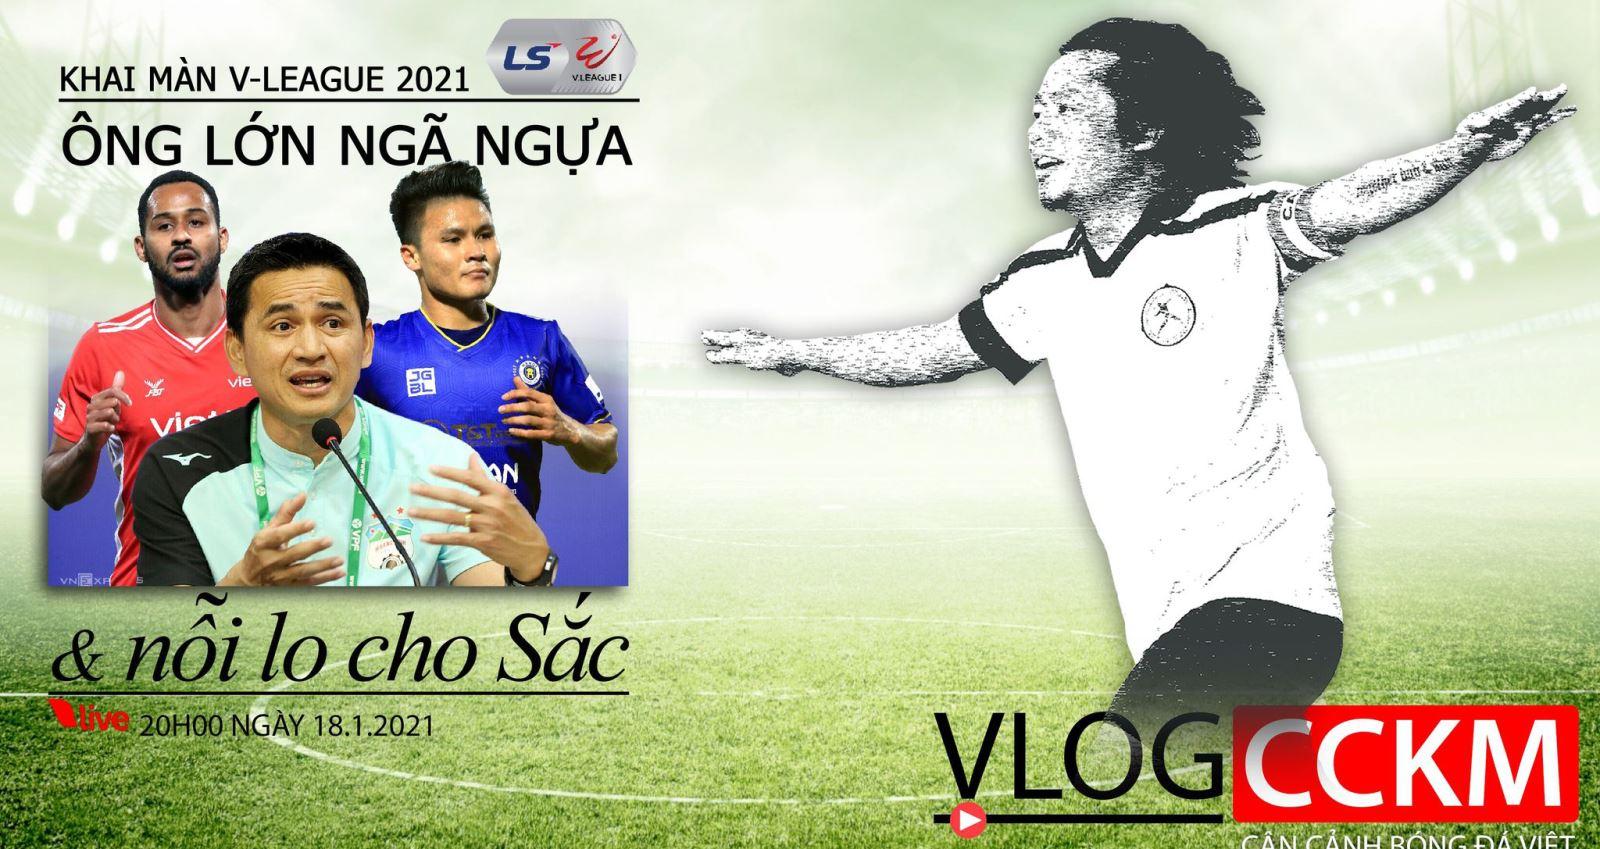 Vlog, CCKM, HAGL, Kiatisak, trần hải,bóng đá, Hà Nội FC, Viettel, V-League